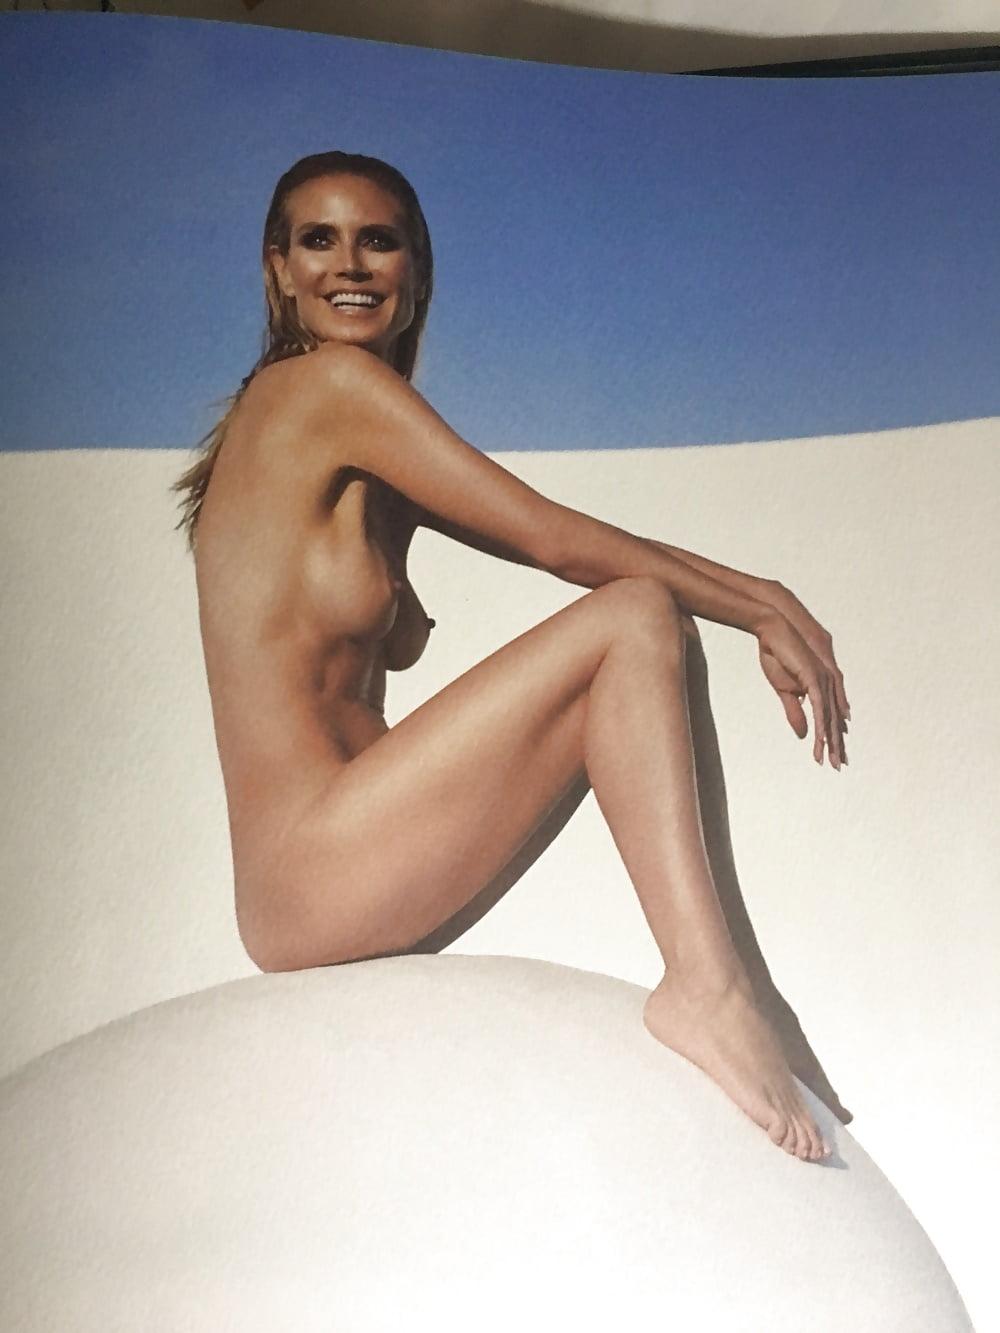 Heidi klum sexy naked photos